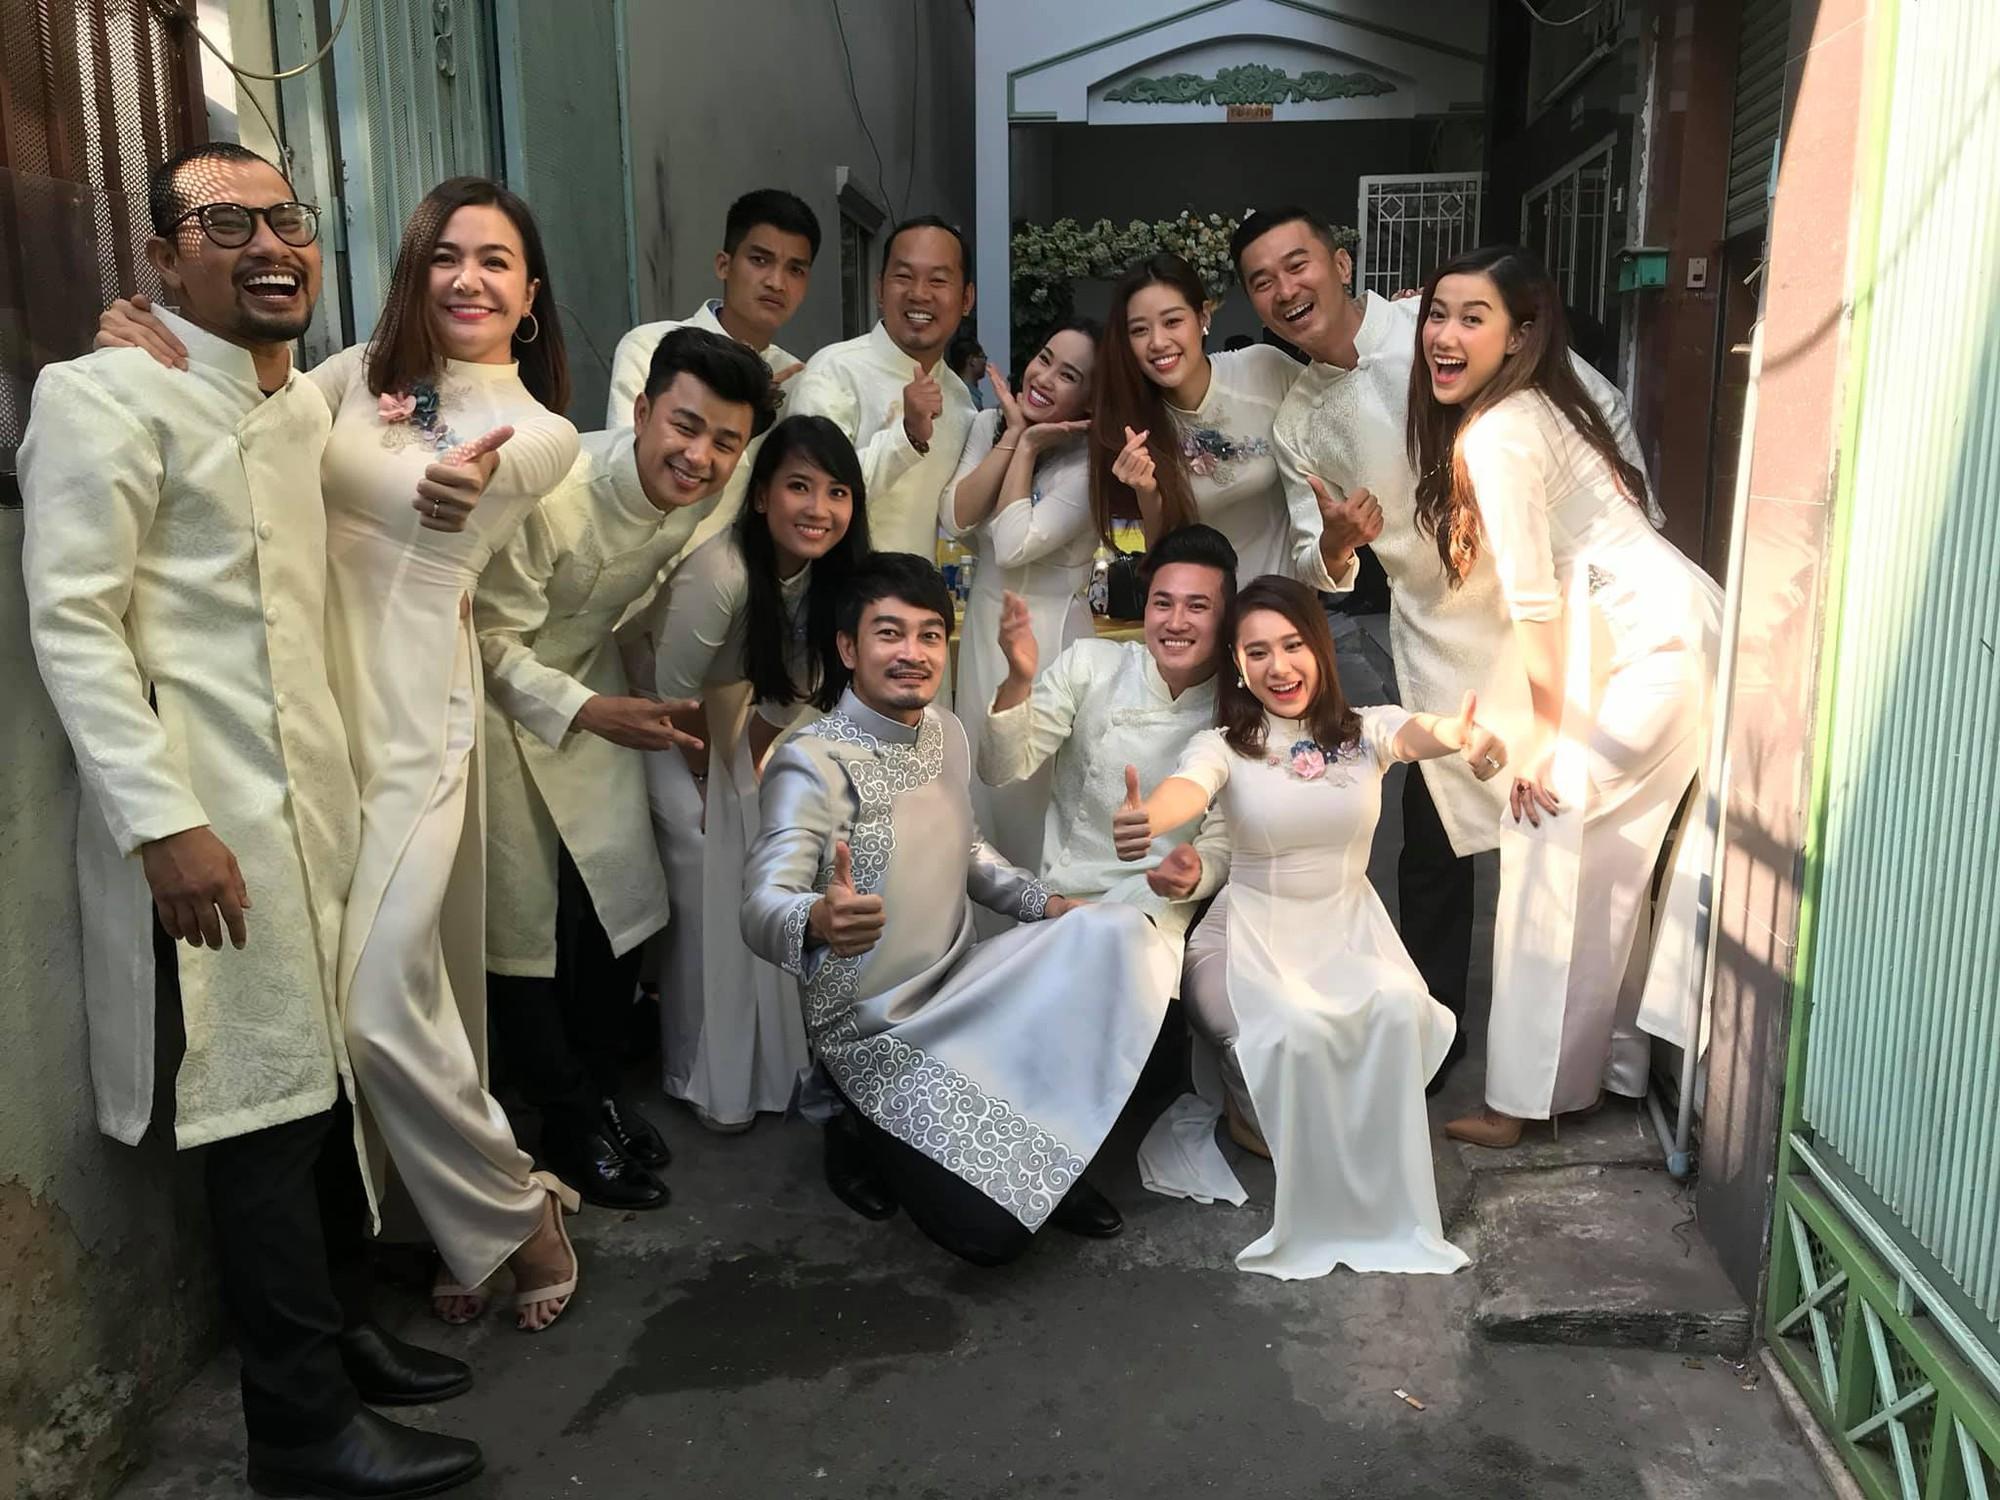 Vợ chồng Ái Châu - Huỳnh Đông cùng dàn diễn viên nổi tiếng bưng quả trong đám hỏi sao nữ Gạo nếp gạo tẻ - Ảnh 3.